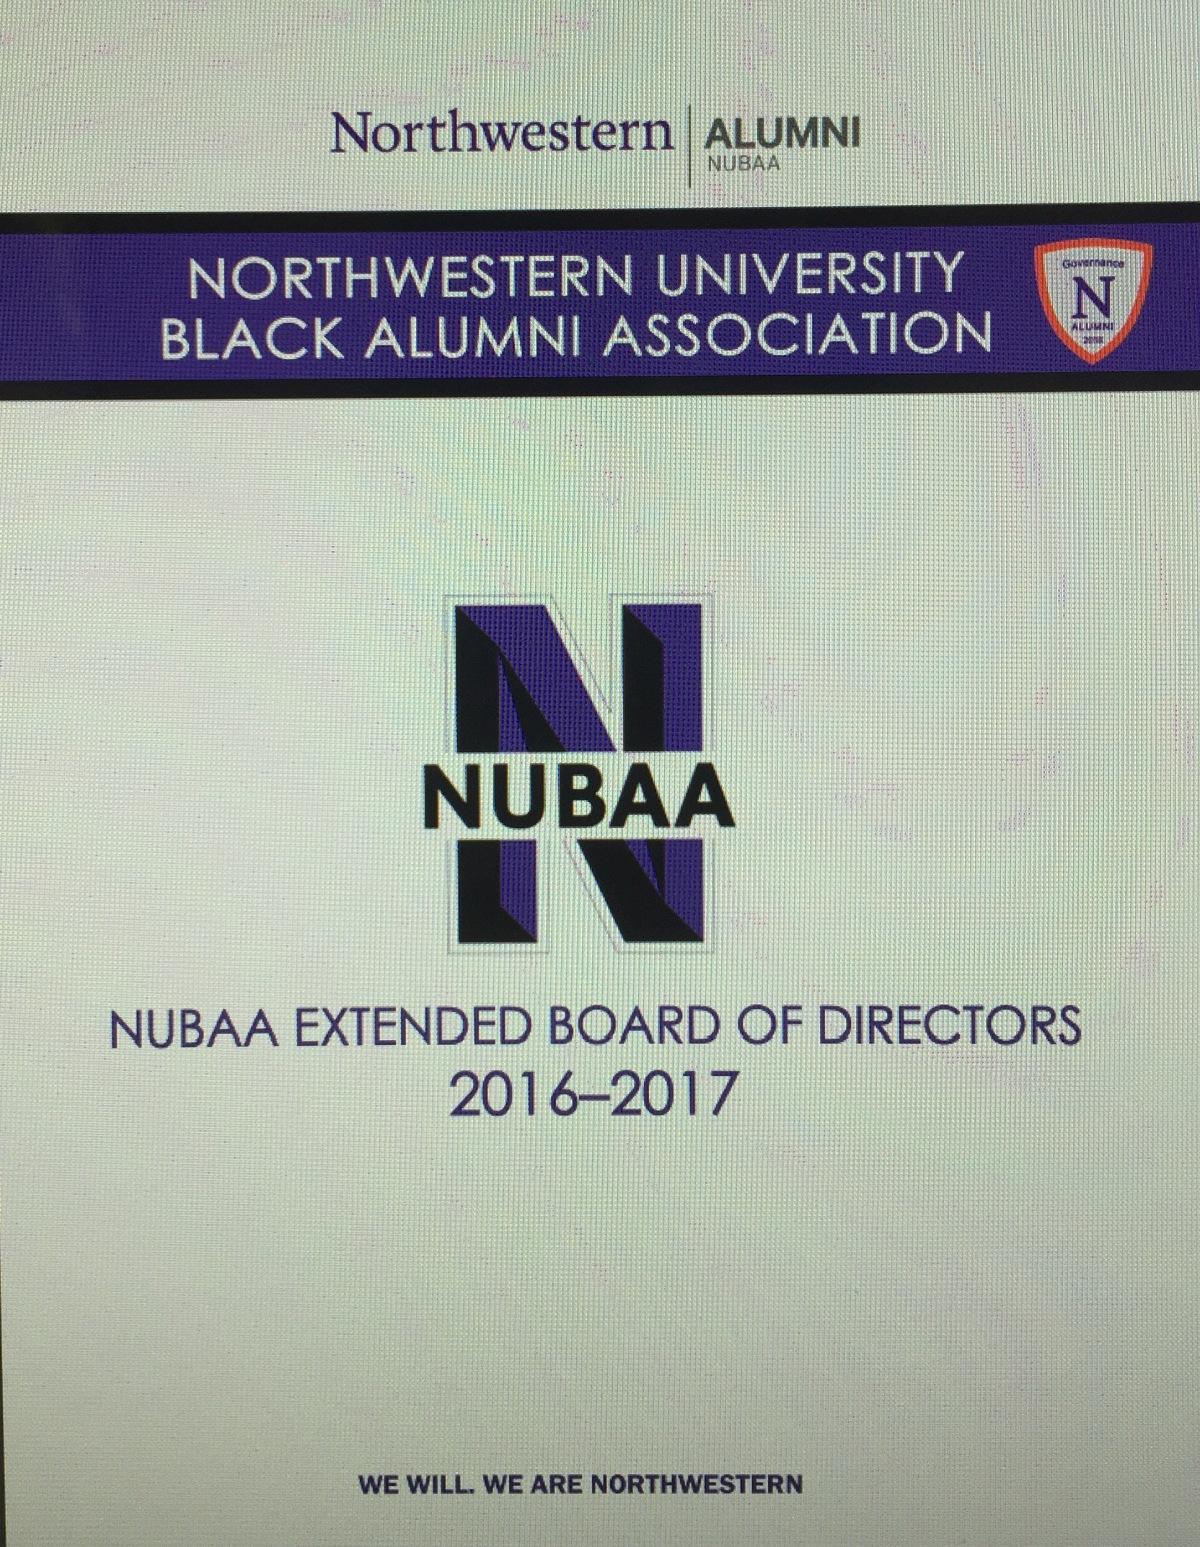 NUBAA Succession Plan and OrientationActivities